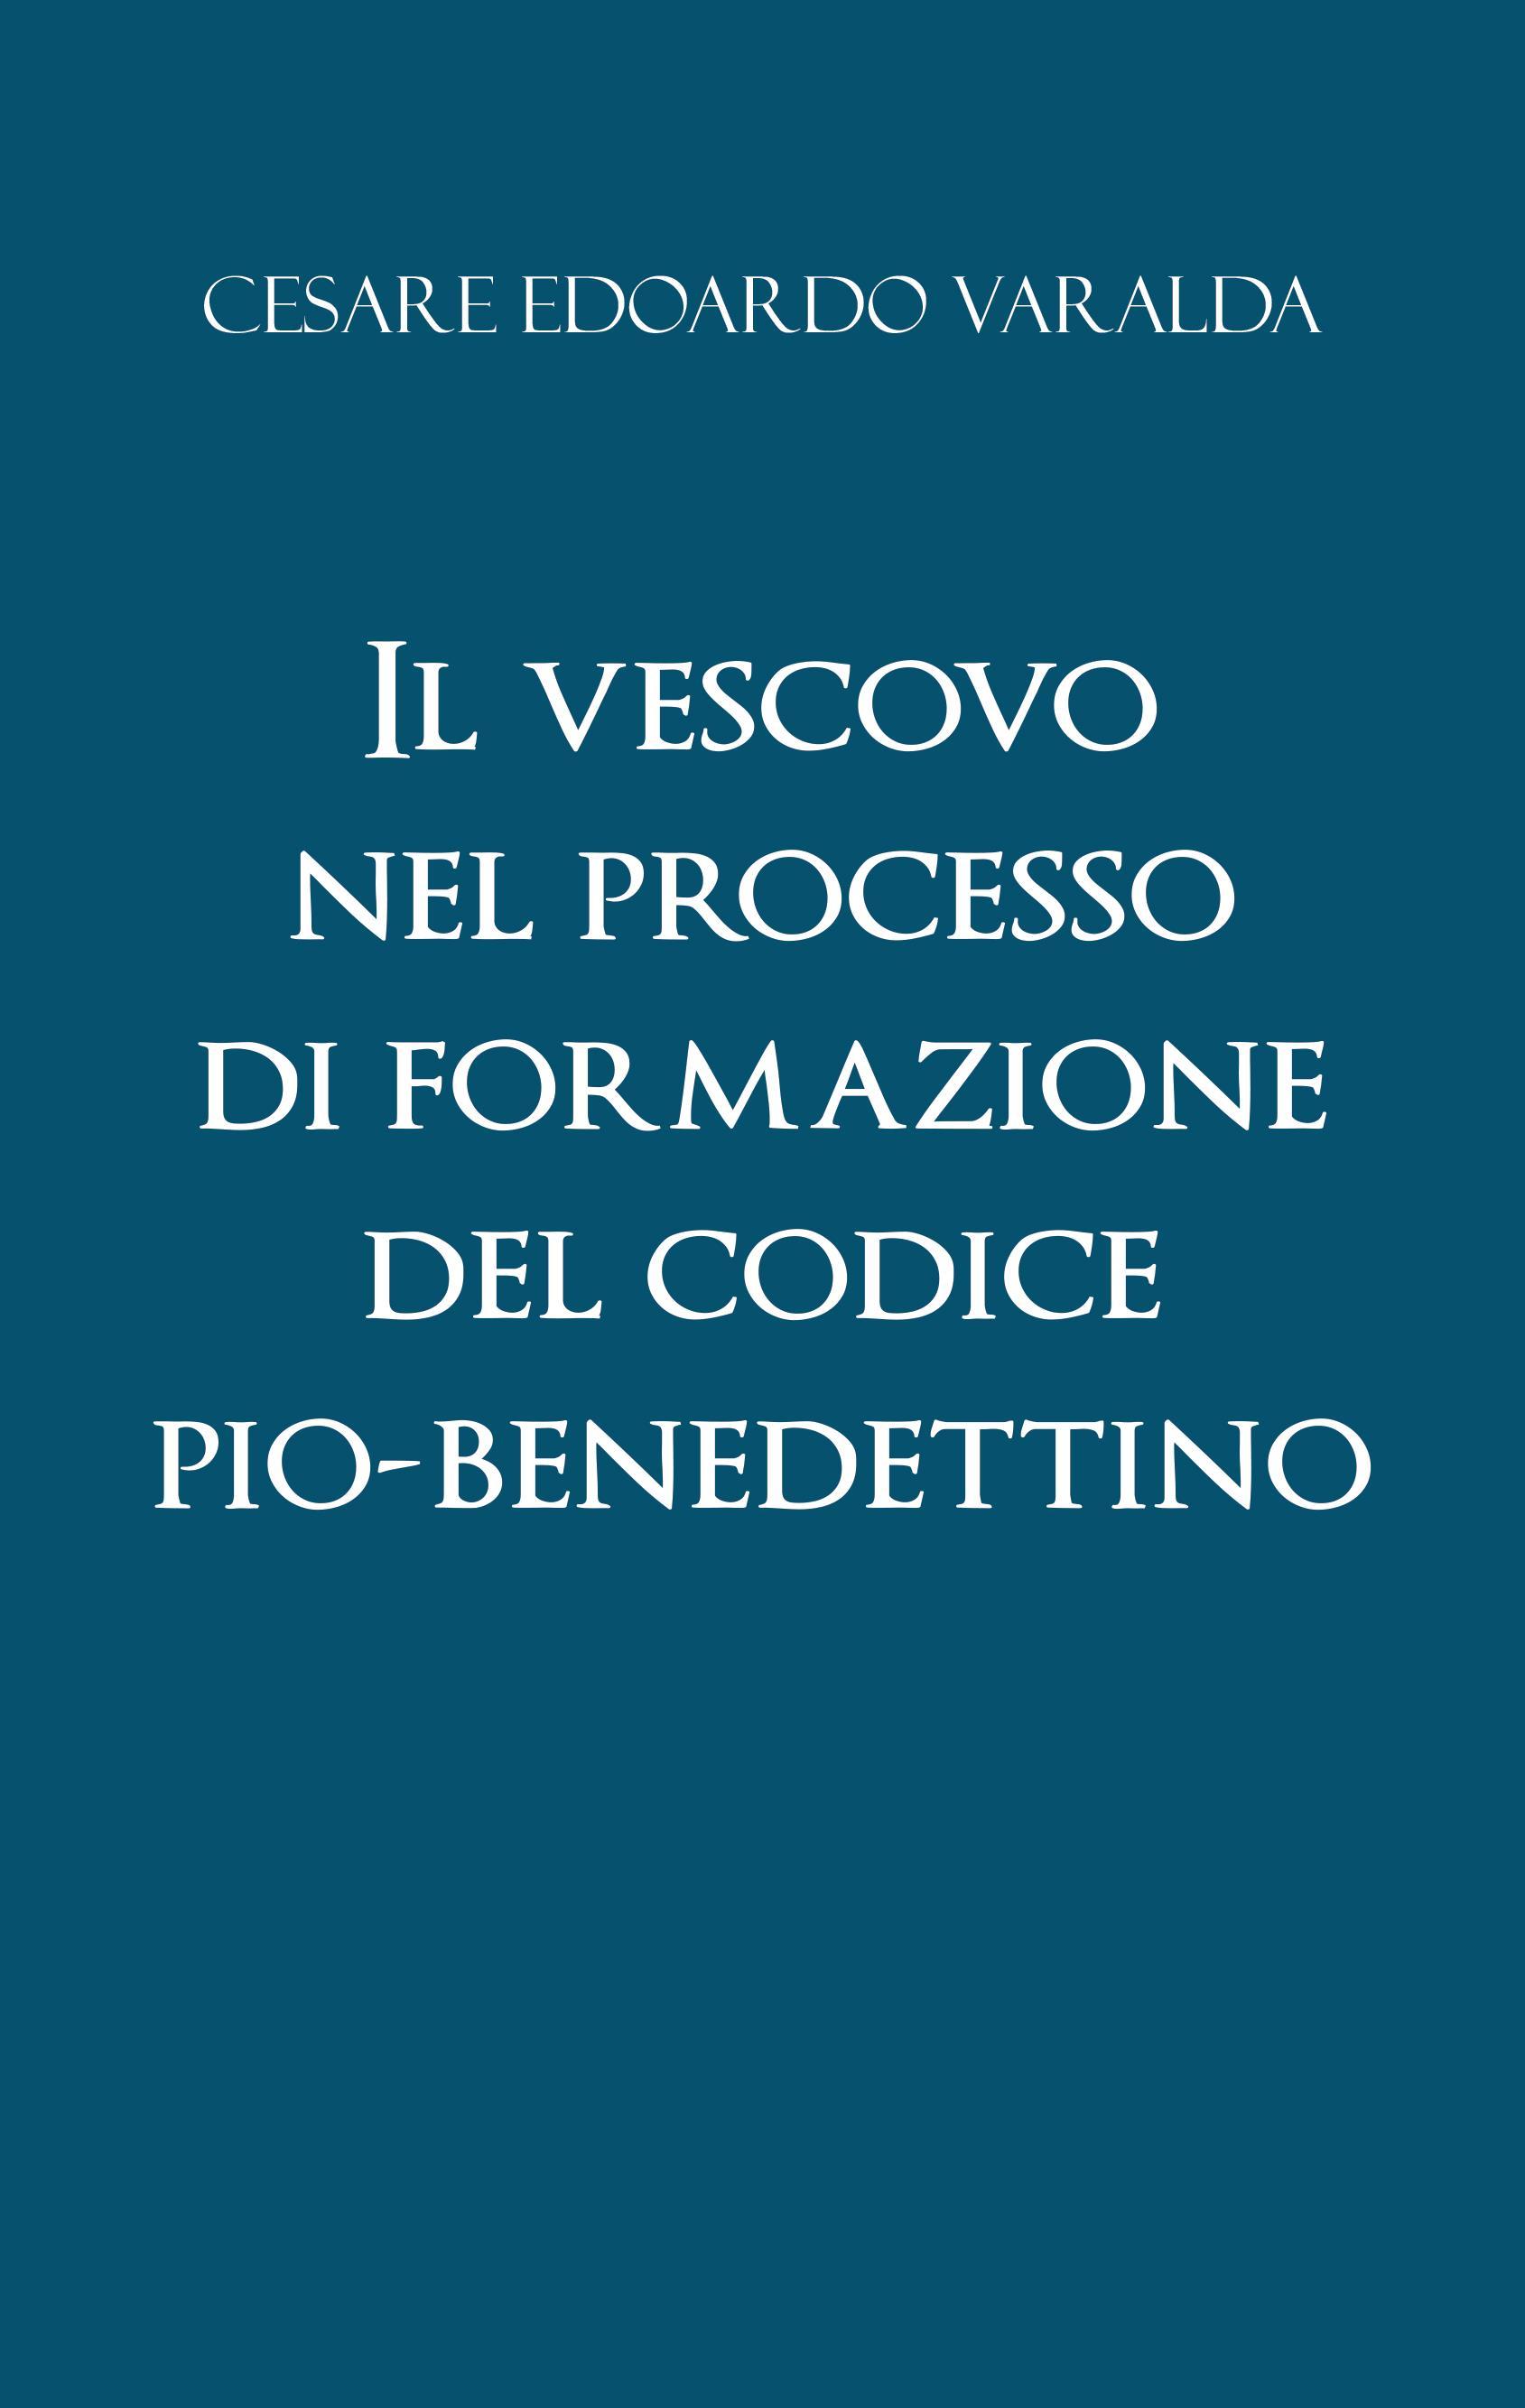 Il vescovo nel processo di formazione del codice Pio-Benedettino